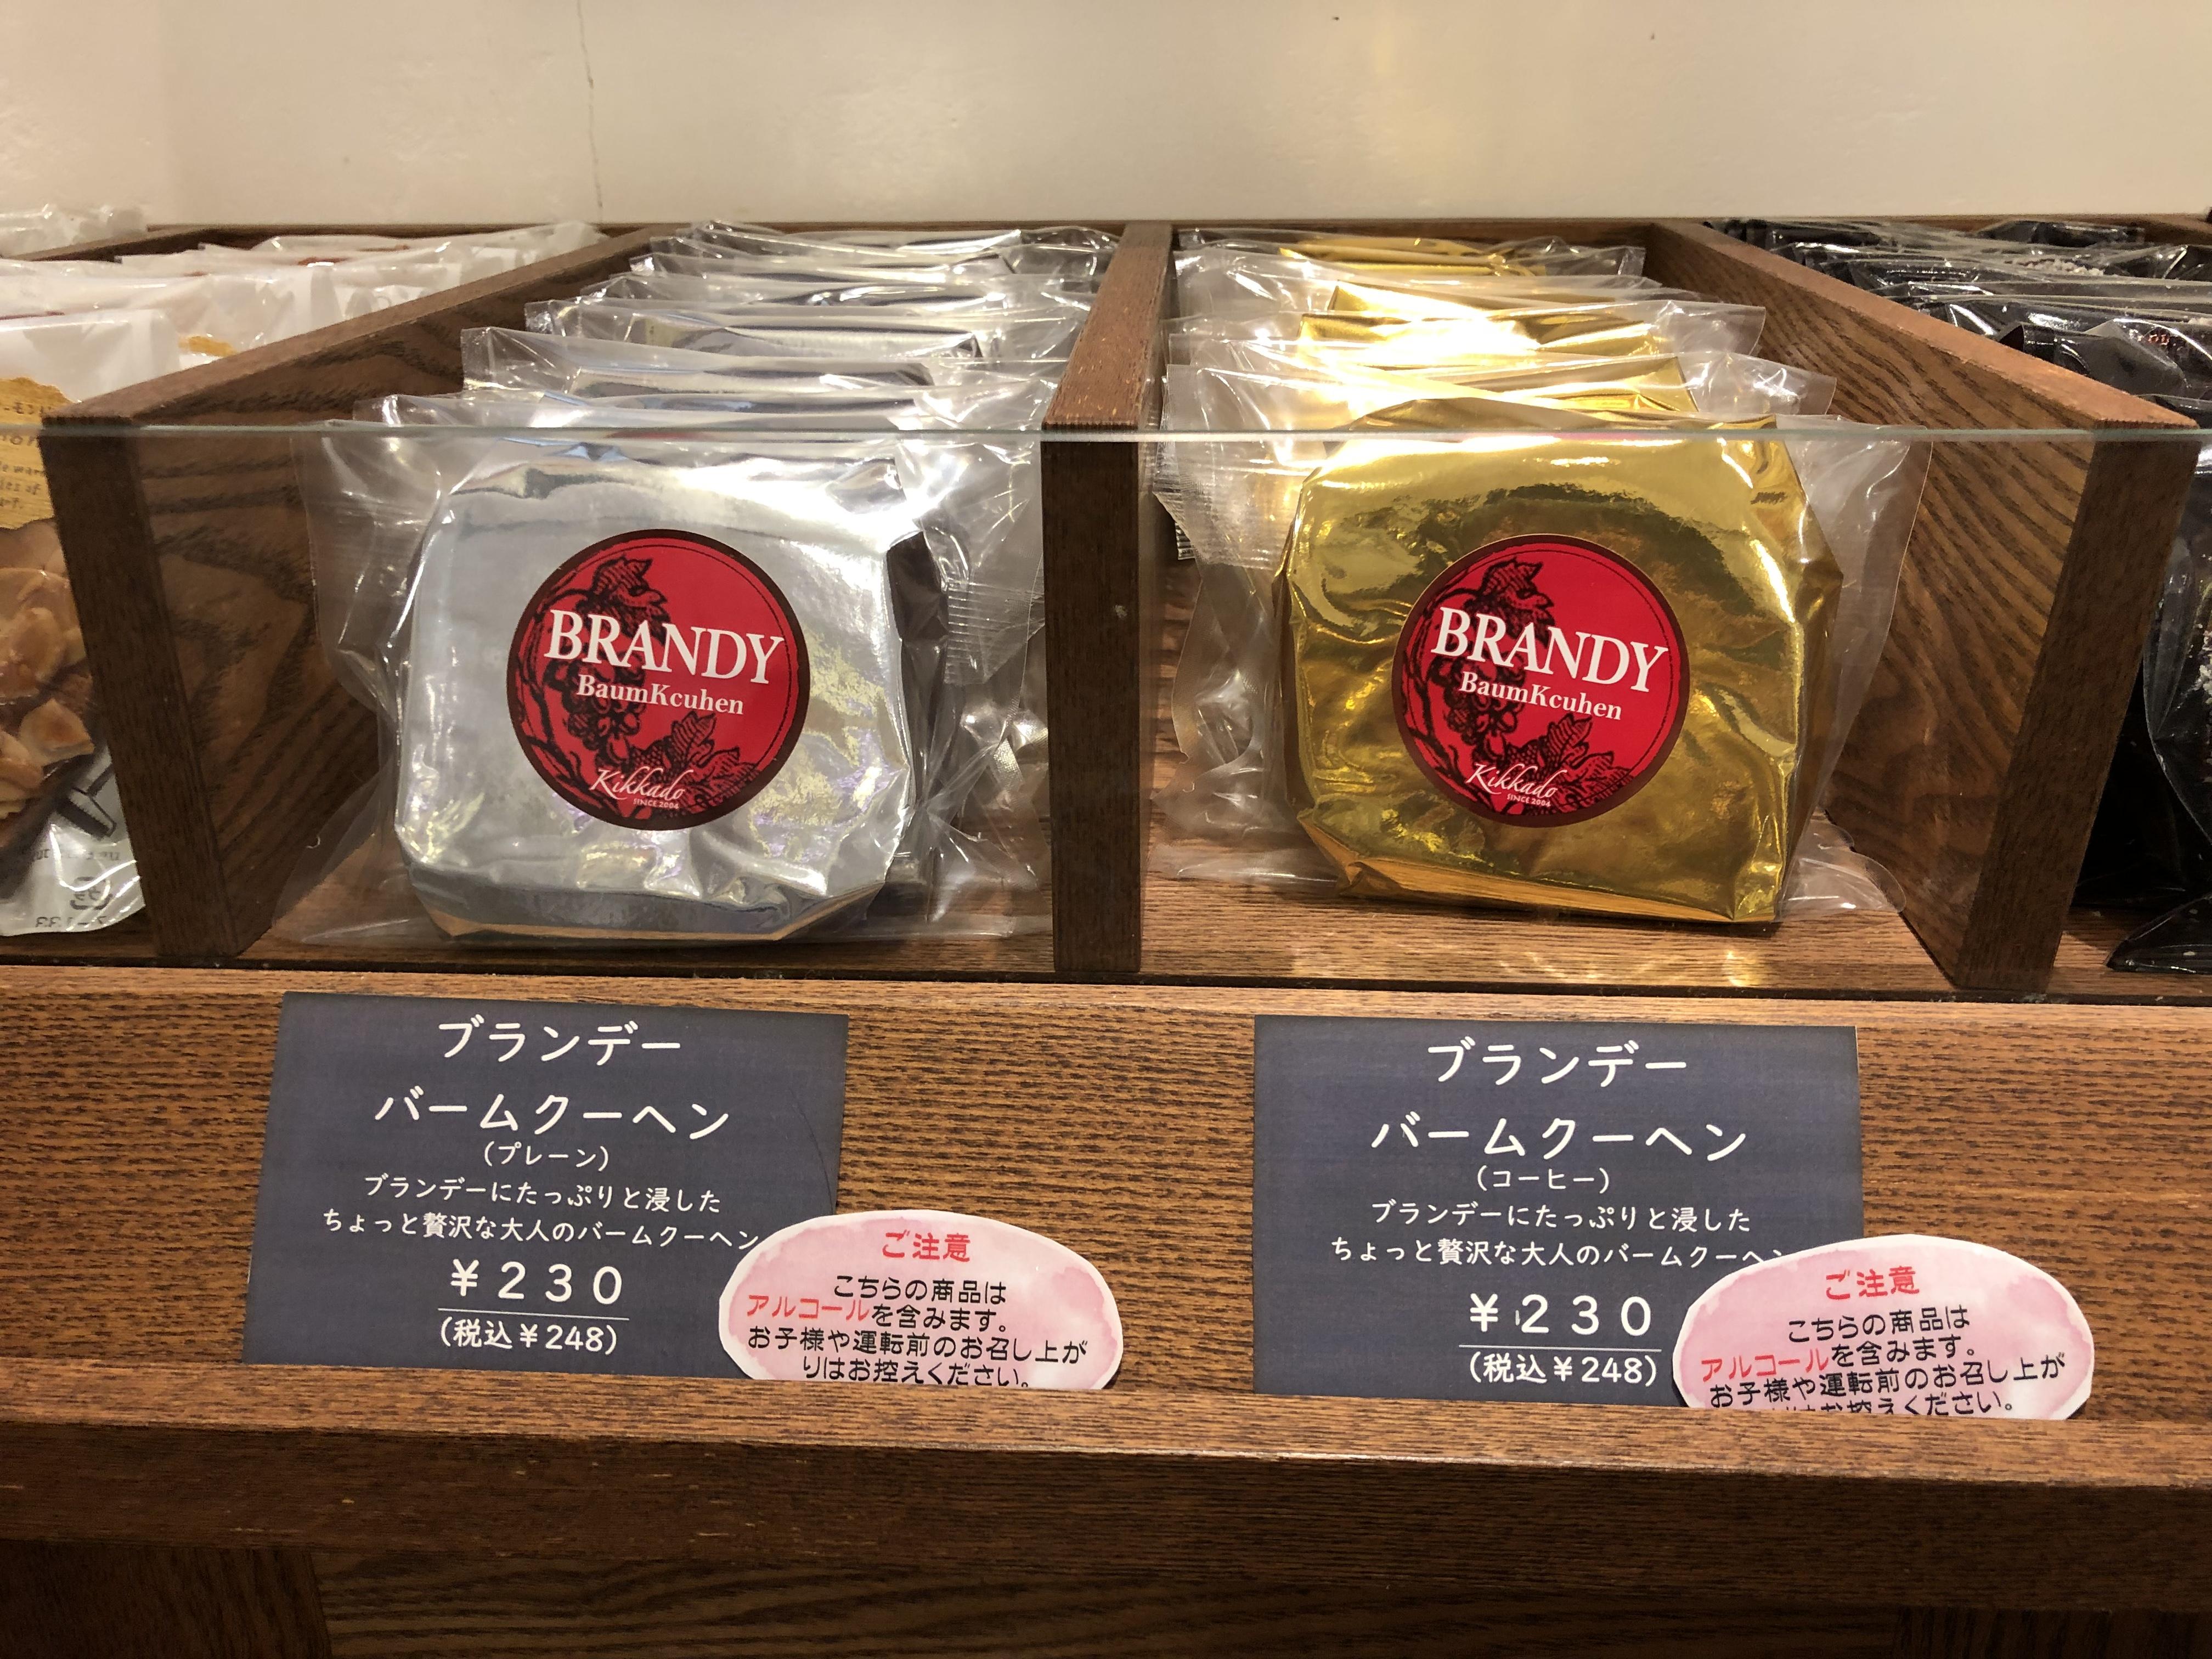 加賀市の洋菓子店のブランデーバウムクーヘン